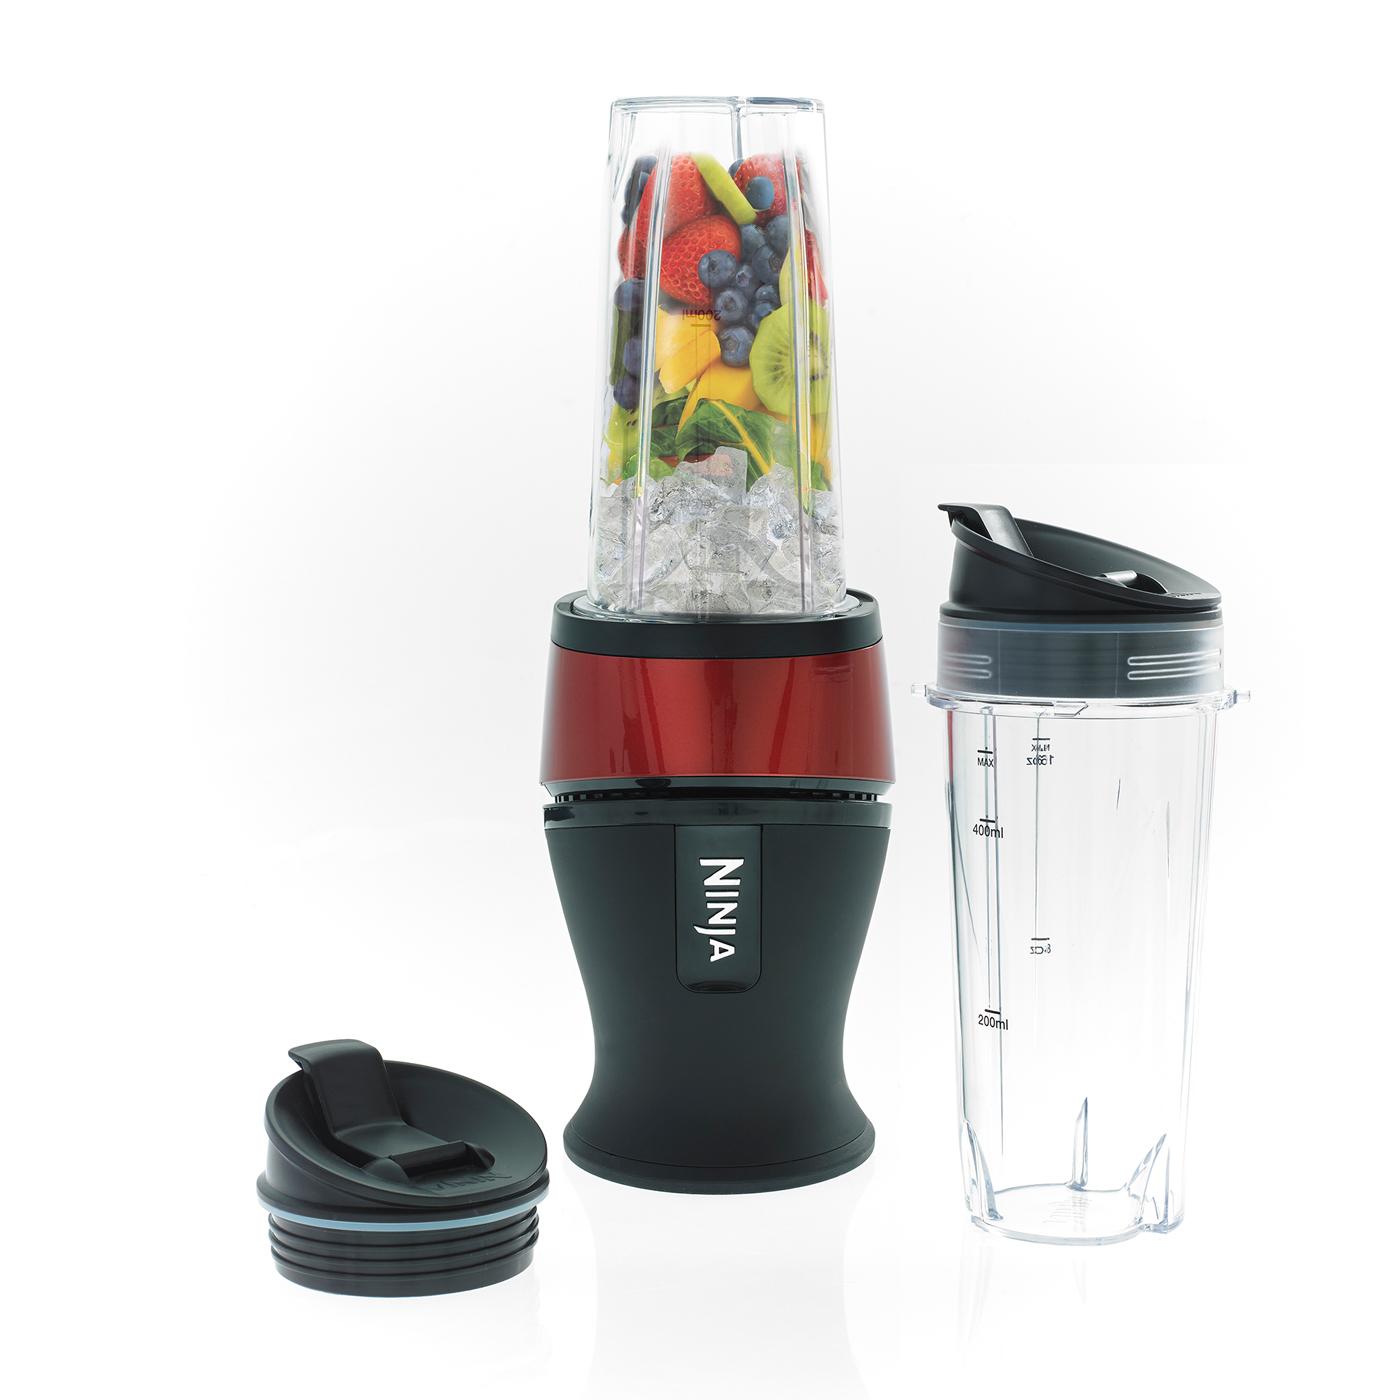 NutriNinja700W Blender & Smoothie Maker direct from Ninja Kitchen for £29.99 delivered